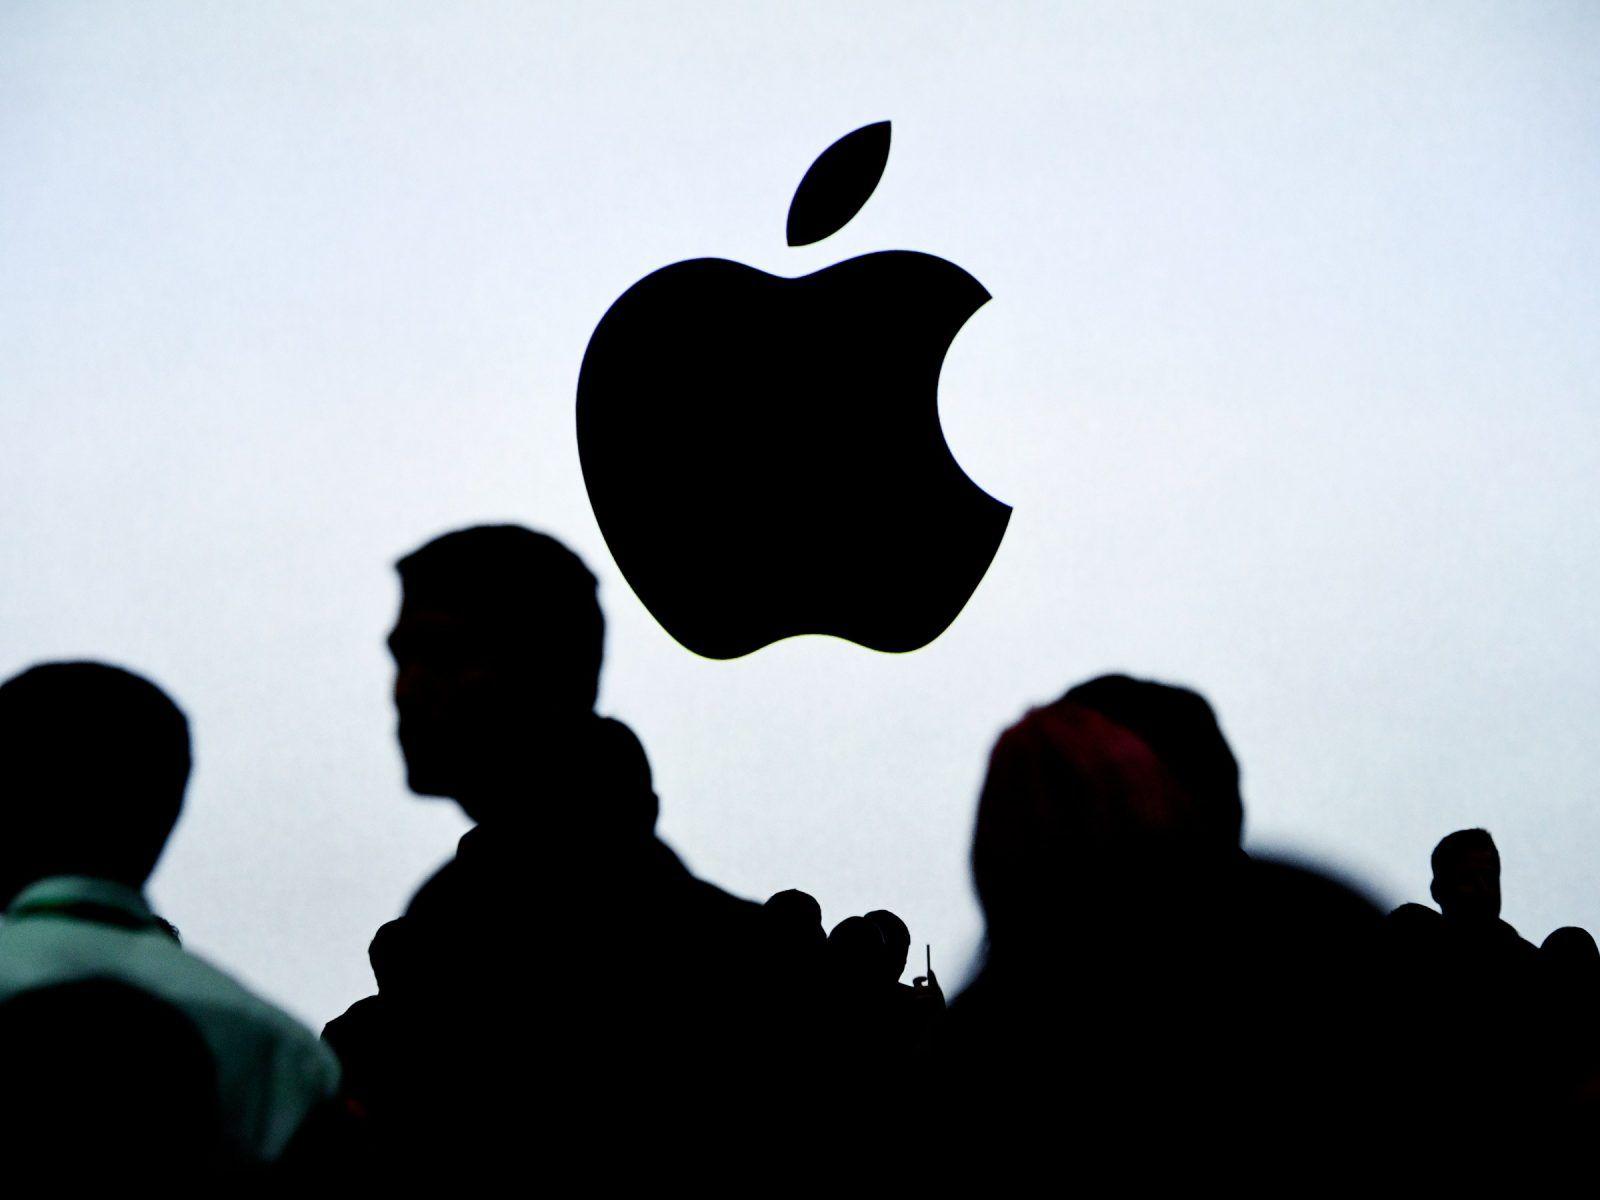 Rekordowe wyniki finansowe Apple